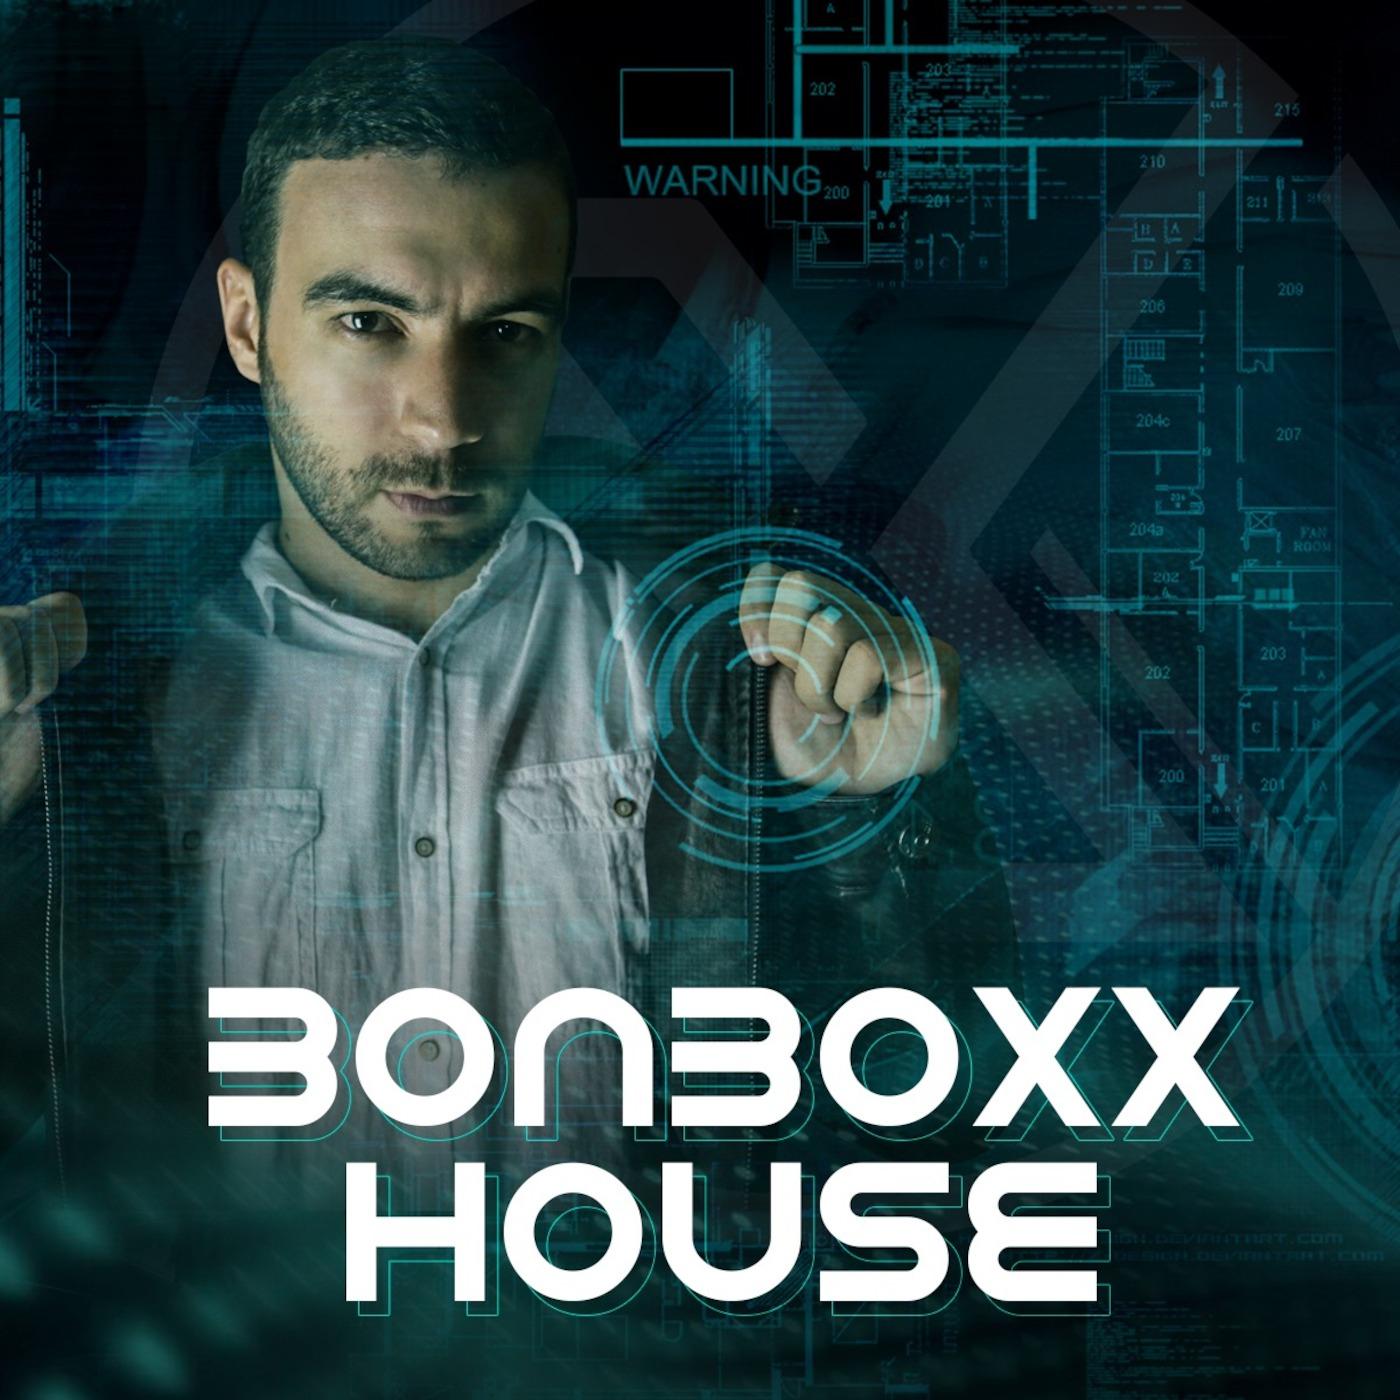 BonBoxx House